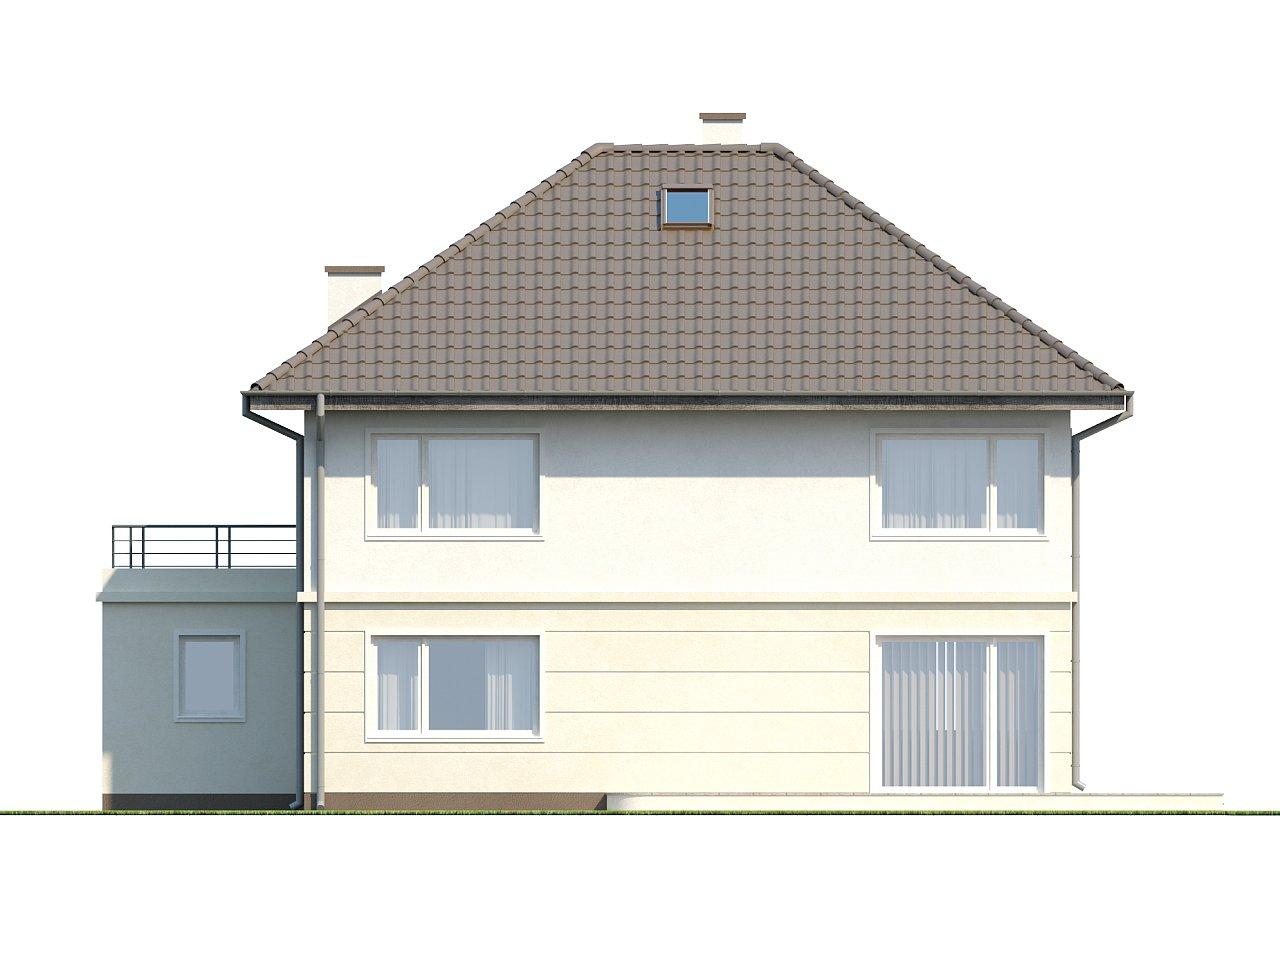 Просторный двухэтажный дом простой формы с террасой над гаражом. - фото 8